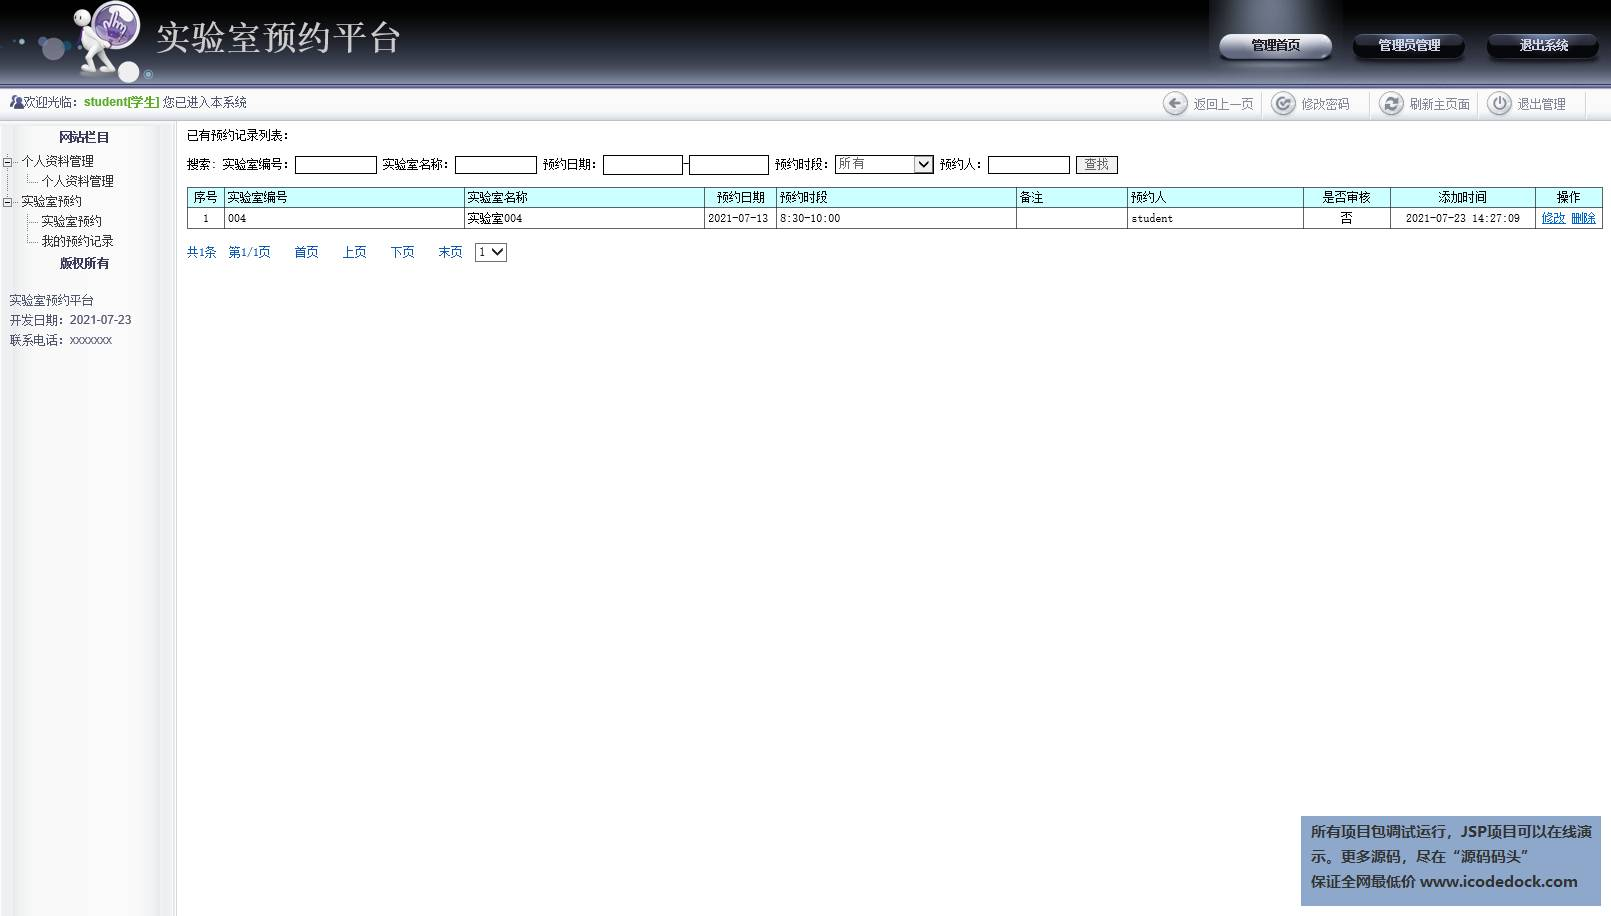 源码码头-JSP在线高校实验室预约管理系统-学生角色-查看我的预约记录